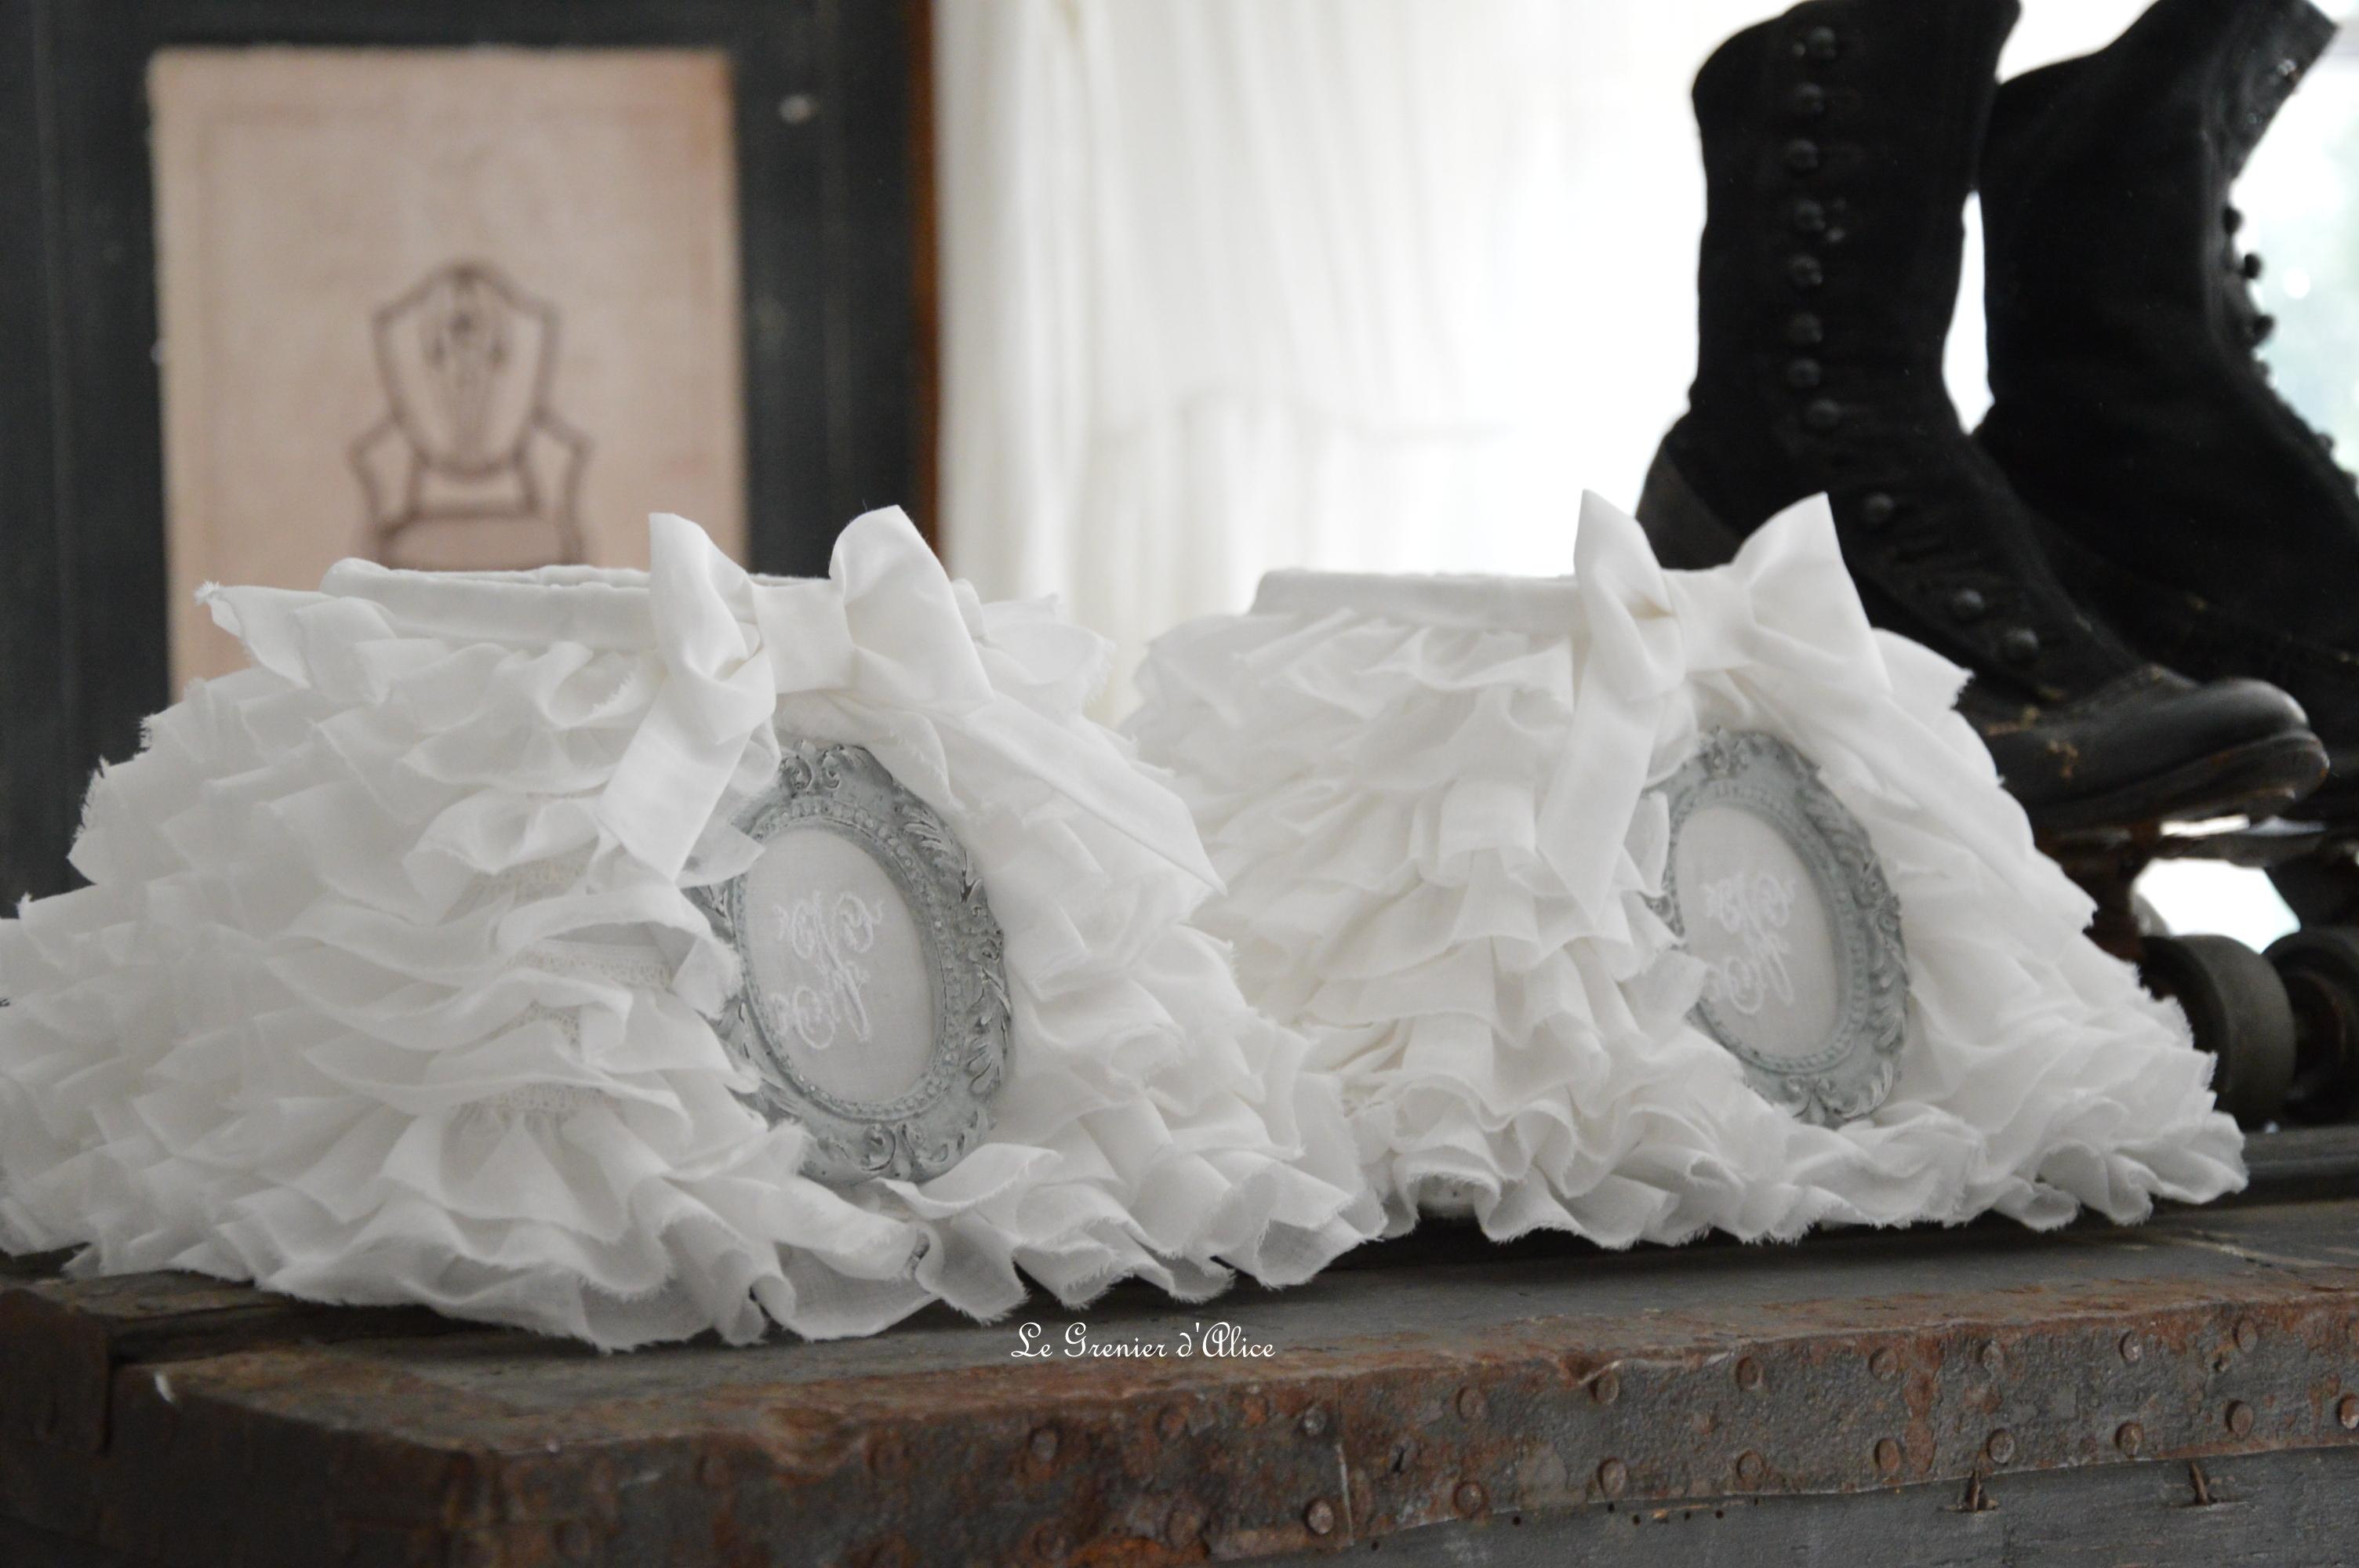 Abat jour en organdi ornement gris gustavien patiné abat jour froufrou monogramme brodé romantique et shabby chic création le grenier dalice